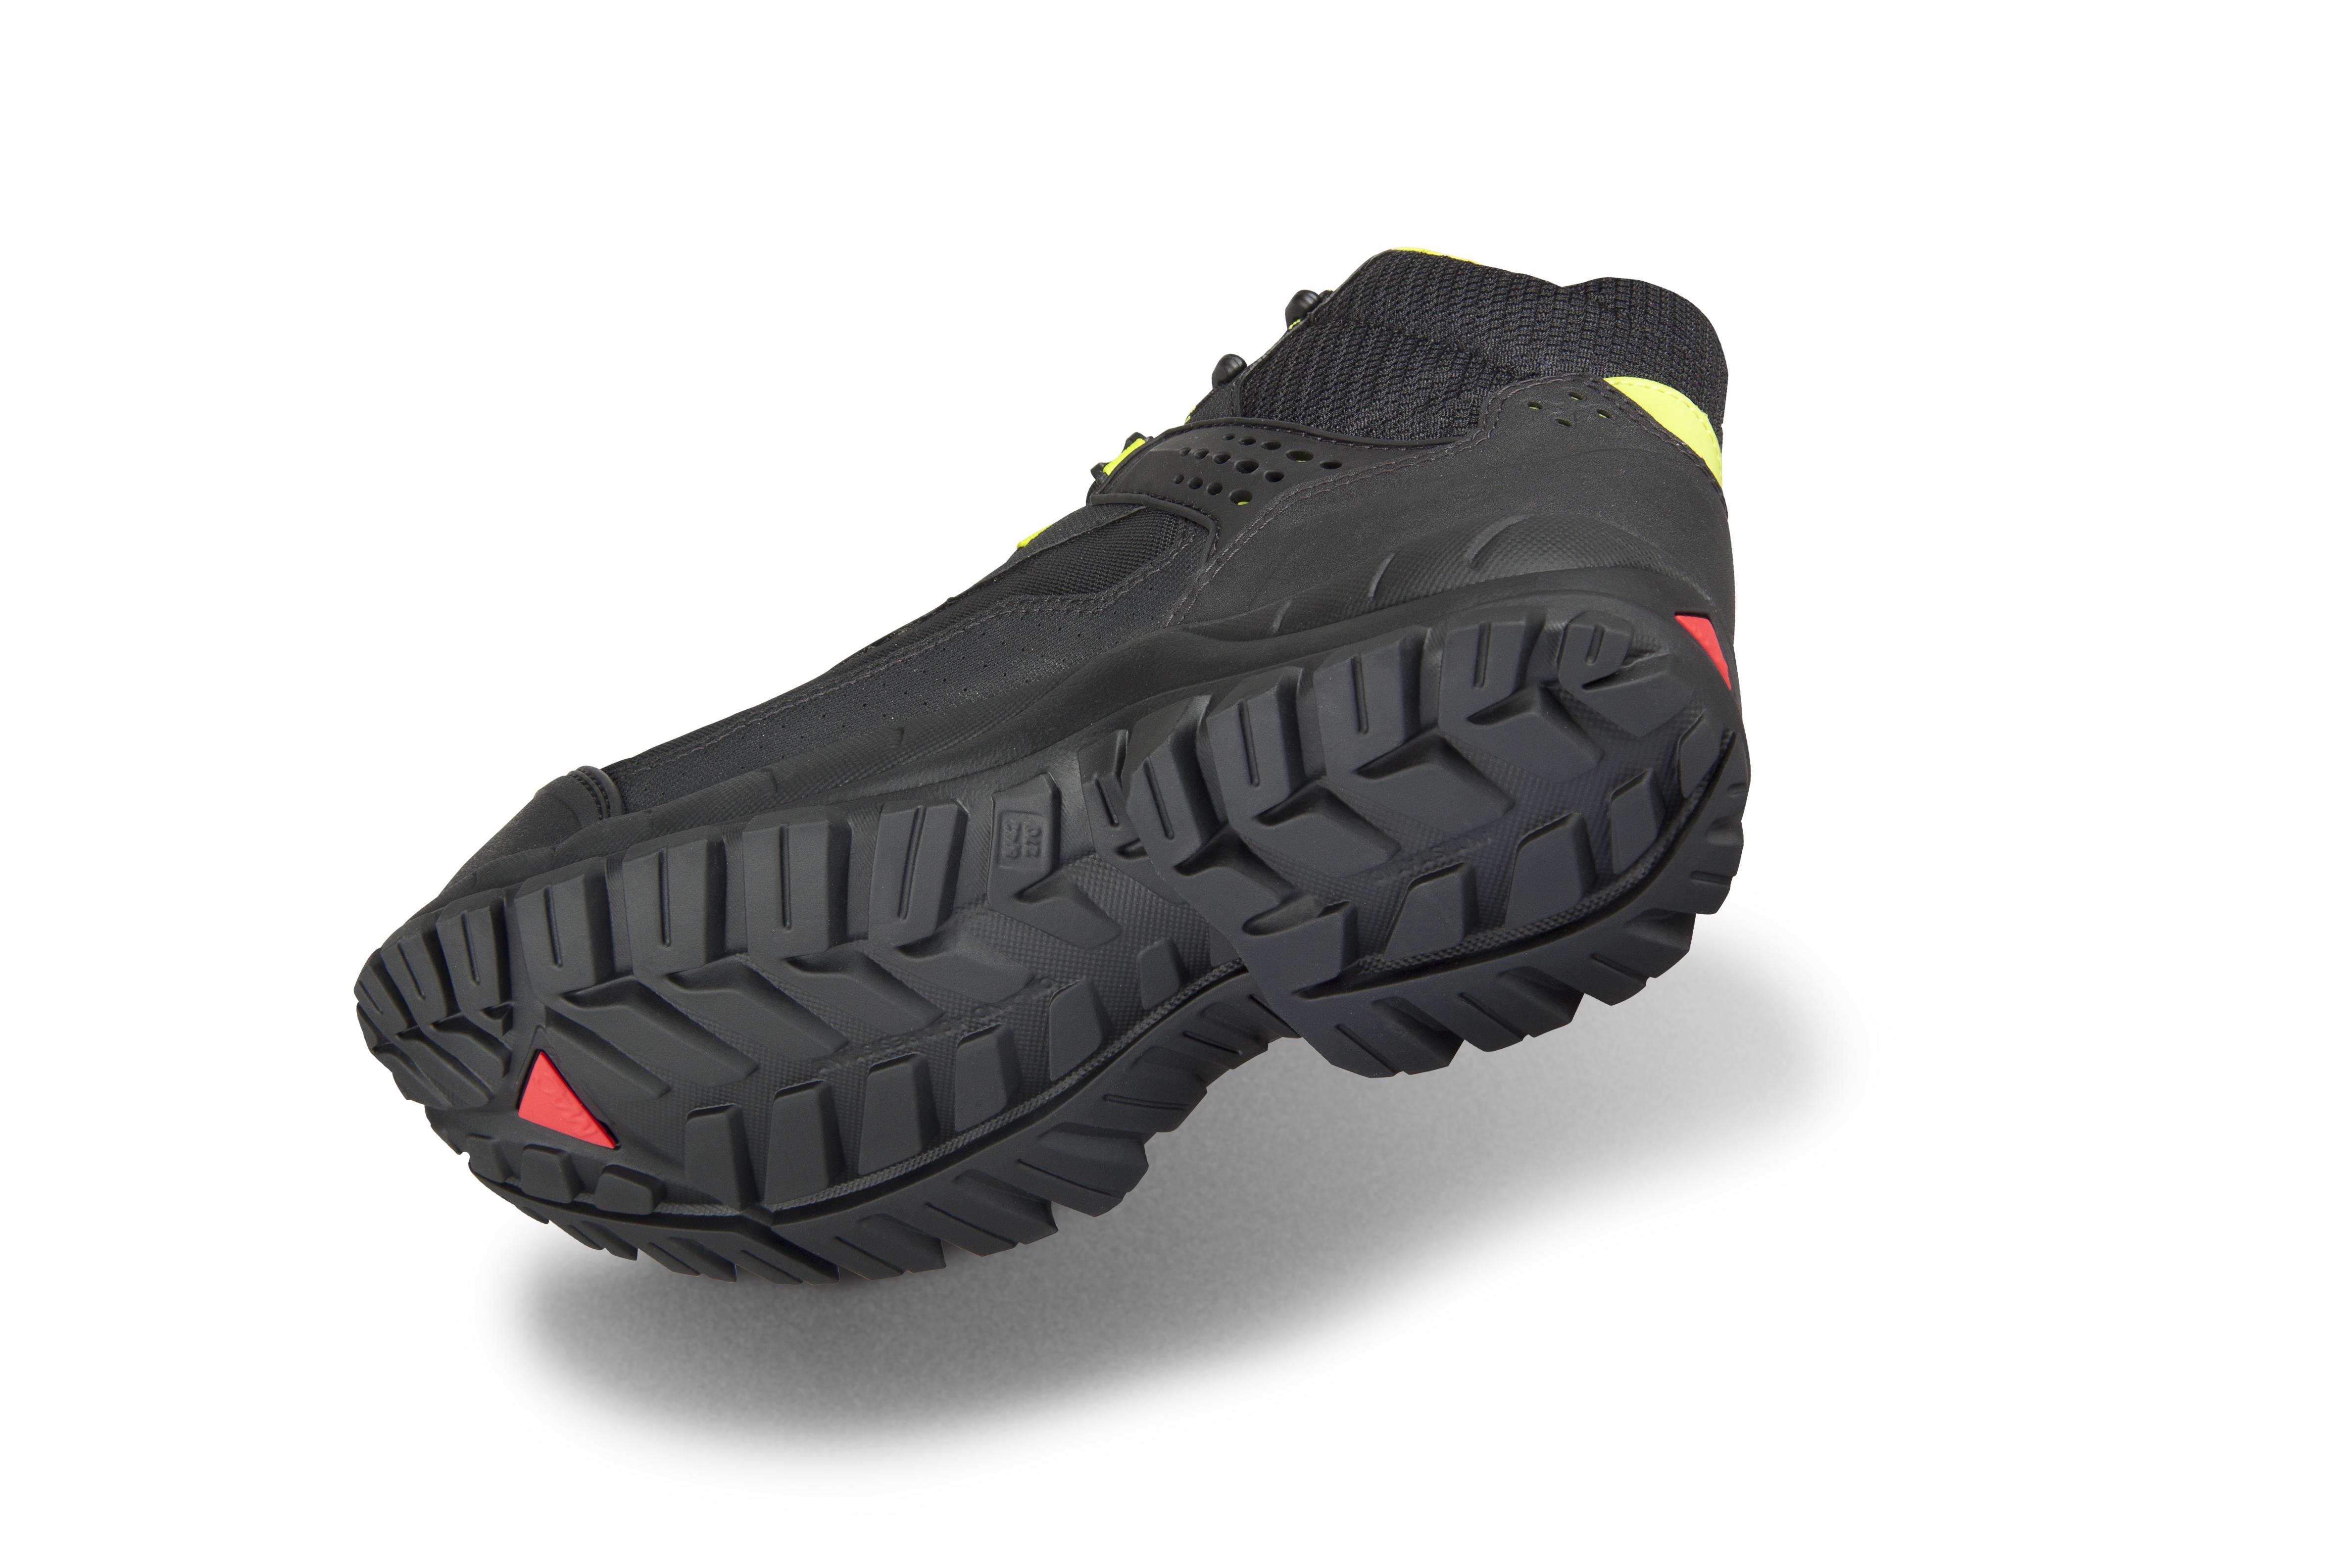 """""""Chaussure de sécurité Gore-Tex MACEXPEDITION 2.0 haute - semelle caoutchouc Macsole"""""""